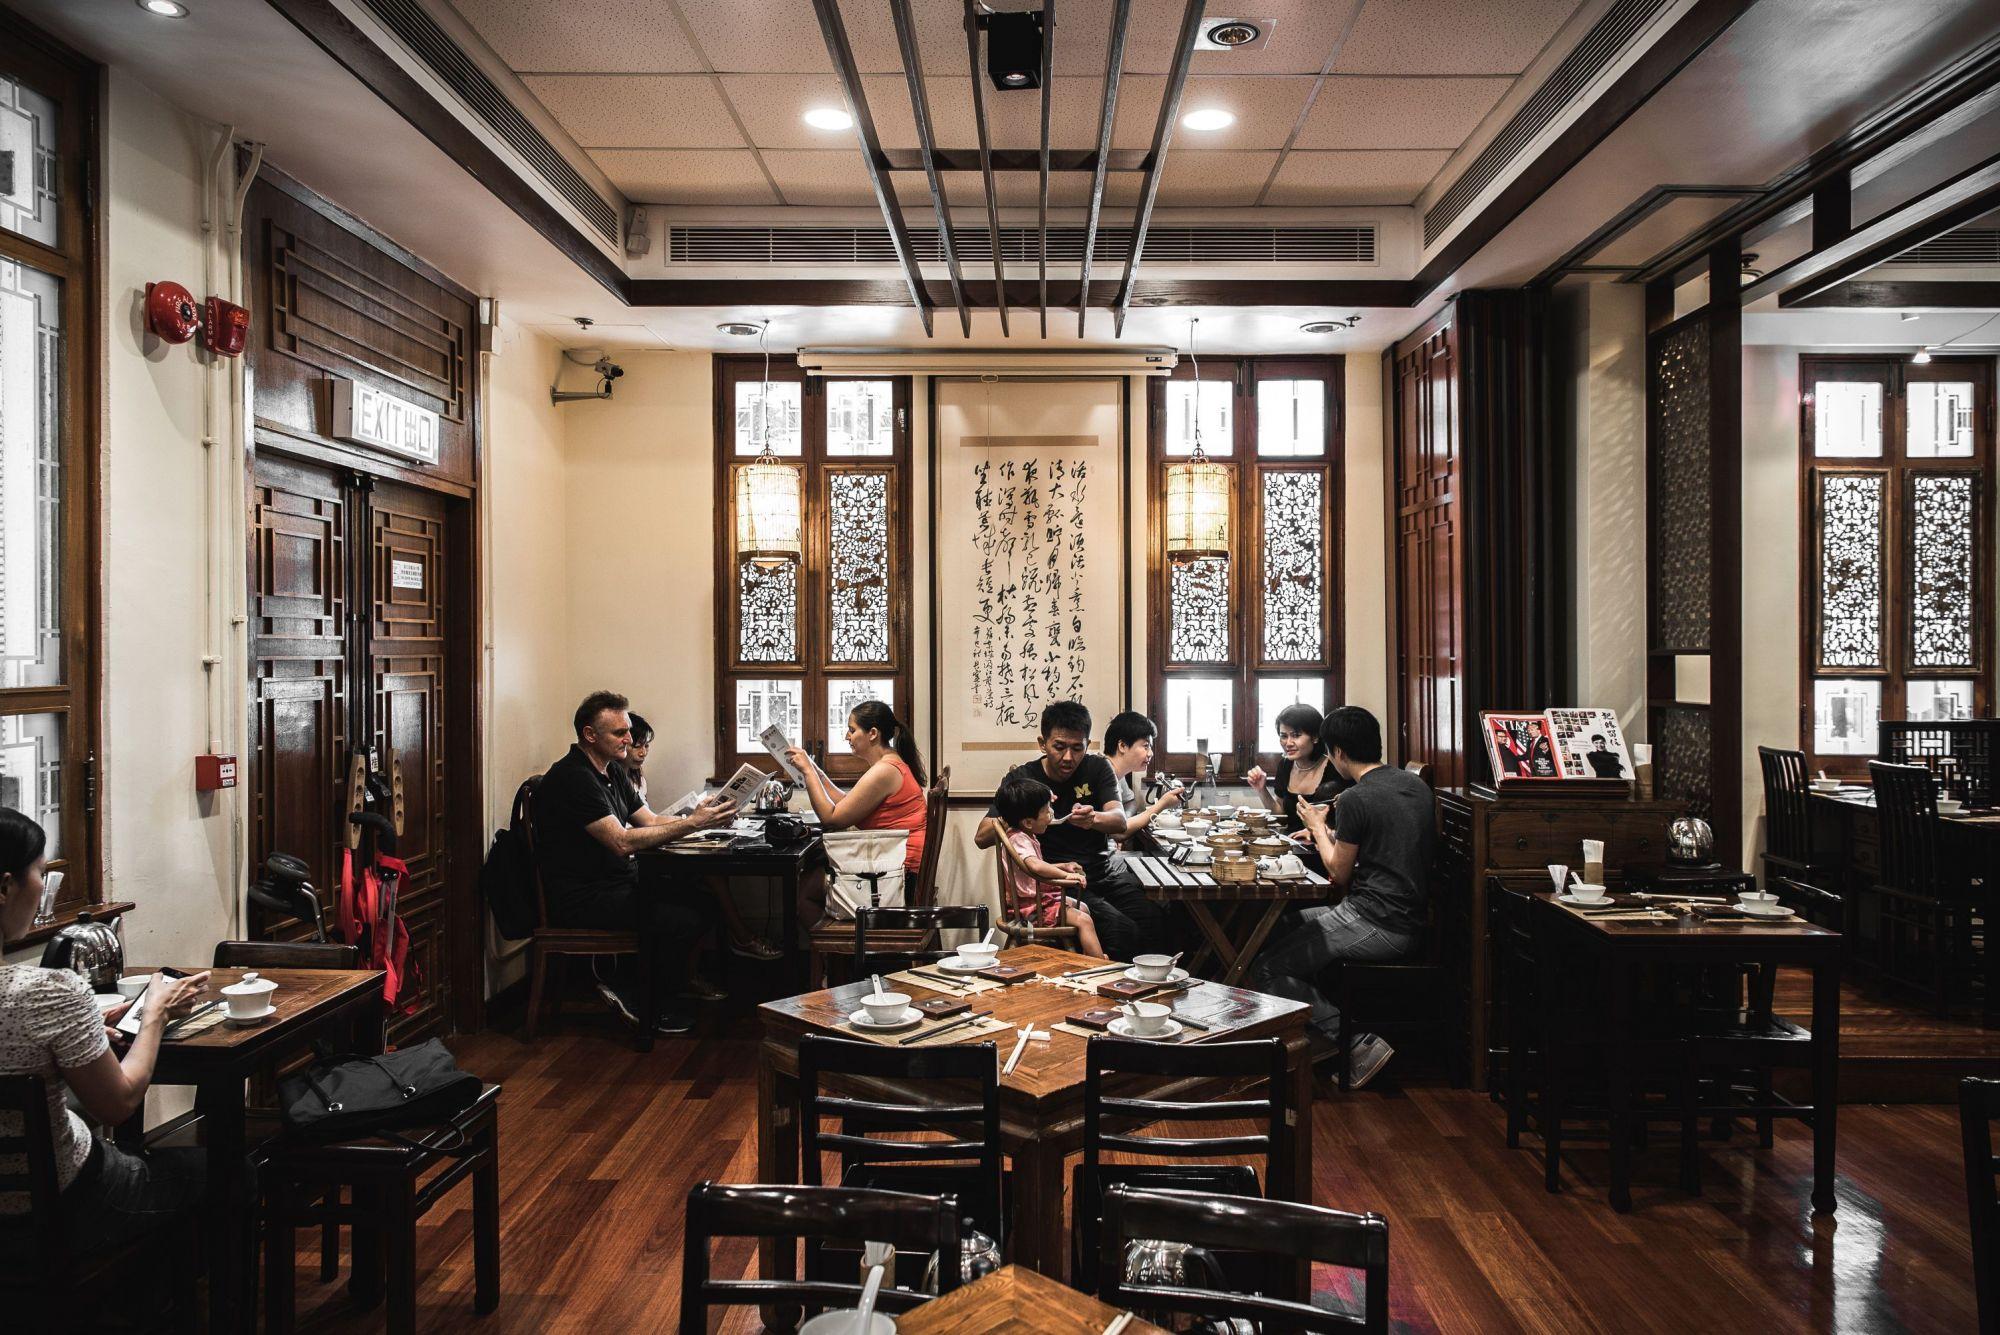 6 Heritage Venues To Enjoy Dim Sum In Hong Kong